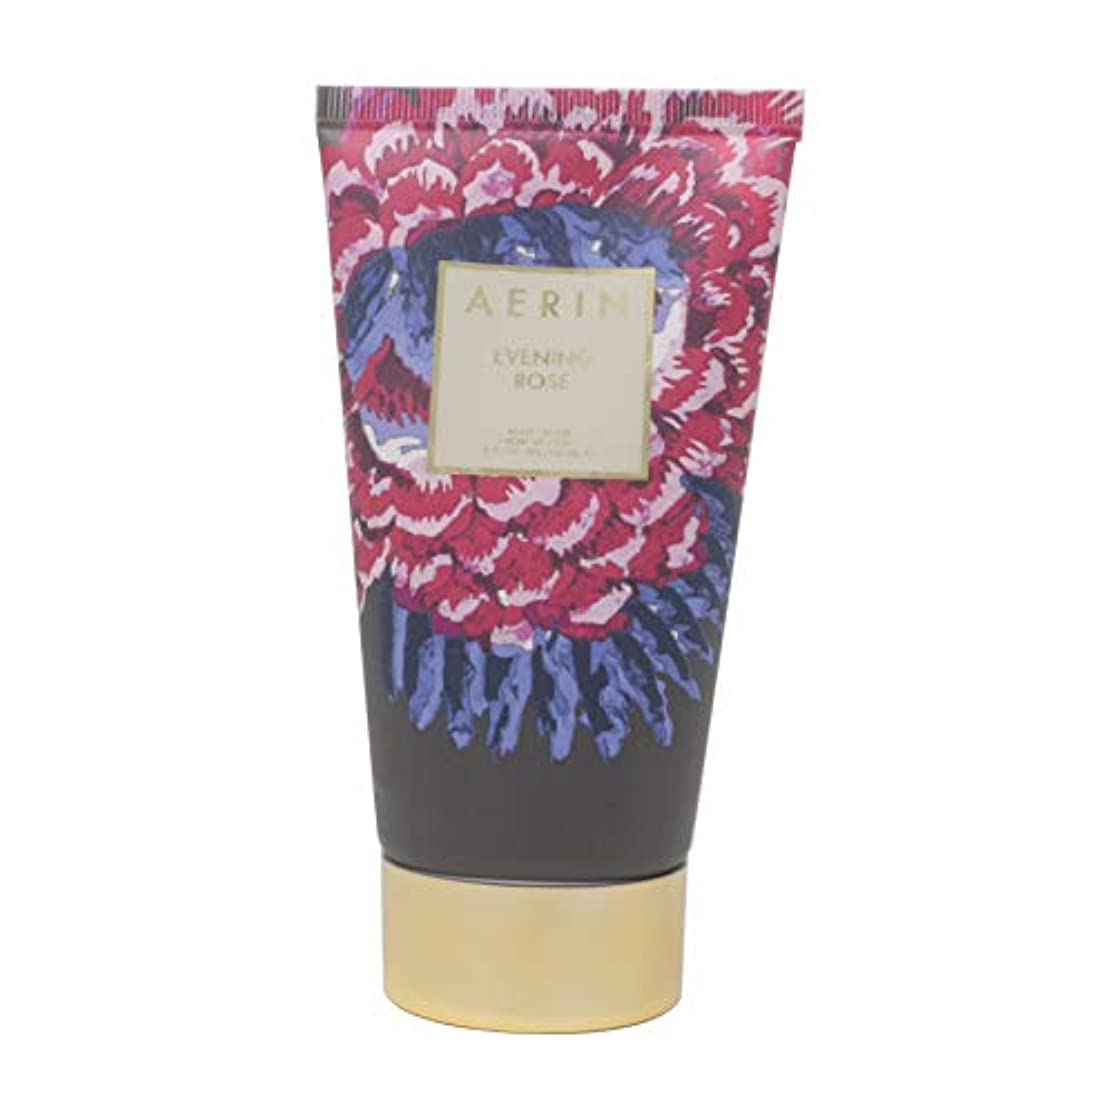 ミュートサンドイッチリーフレットAERIN 'Evening Rose' (アエリン イブニング ローズ) 5.0 oz (150ml) Body Cream ボディークリーム by Estee Lauder for Women